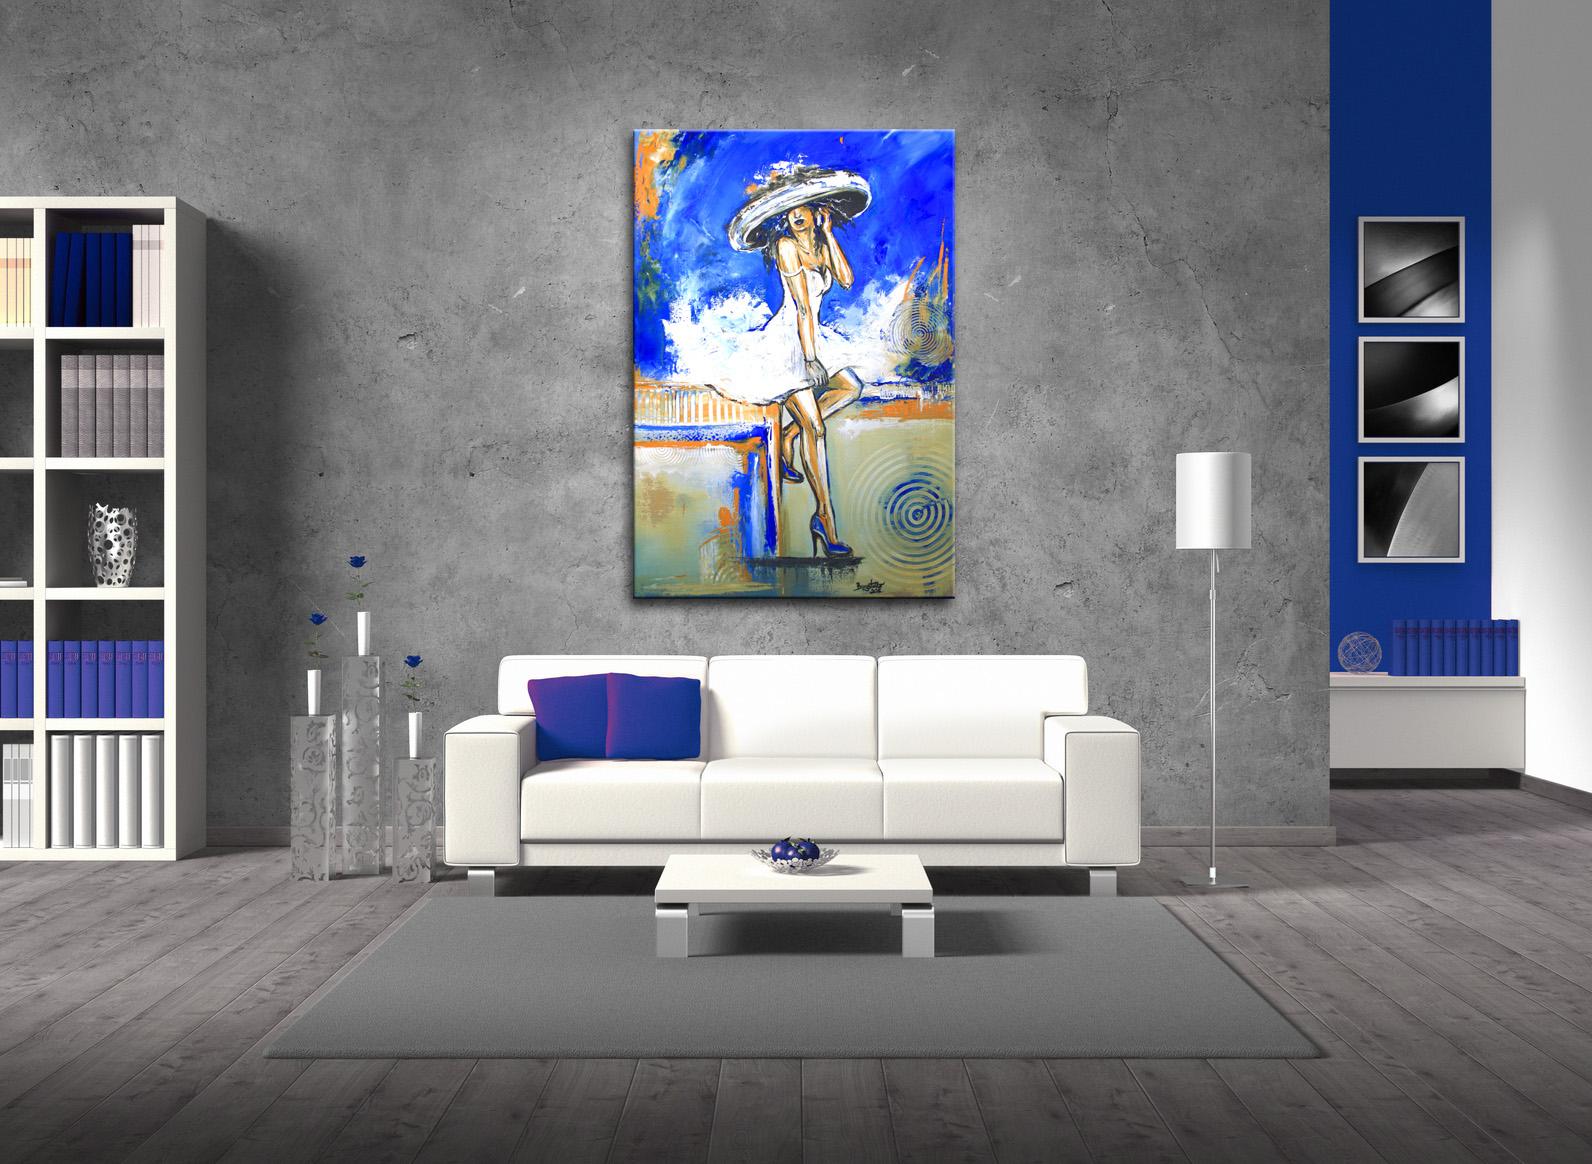 Telefonat - Frau mit Hut, Figürliche Malerei Blau Weiß, Gemälde und Künstler Bild wohn